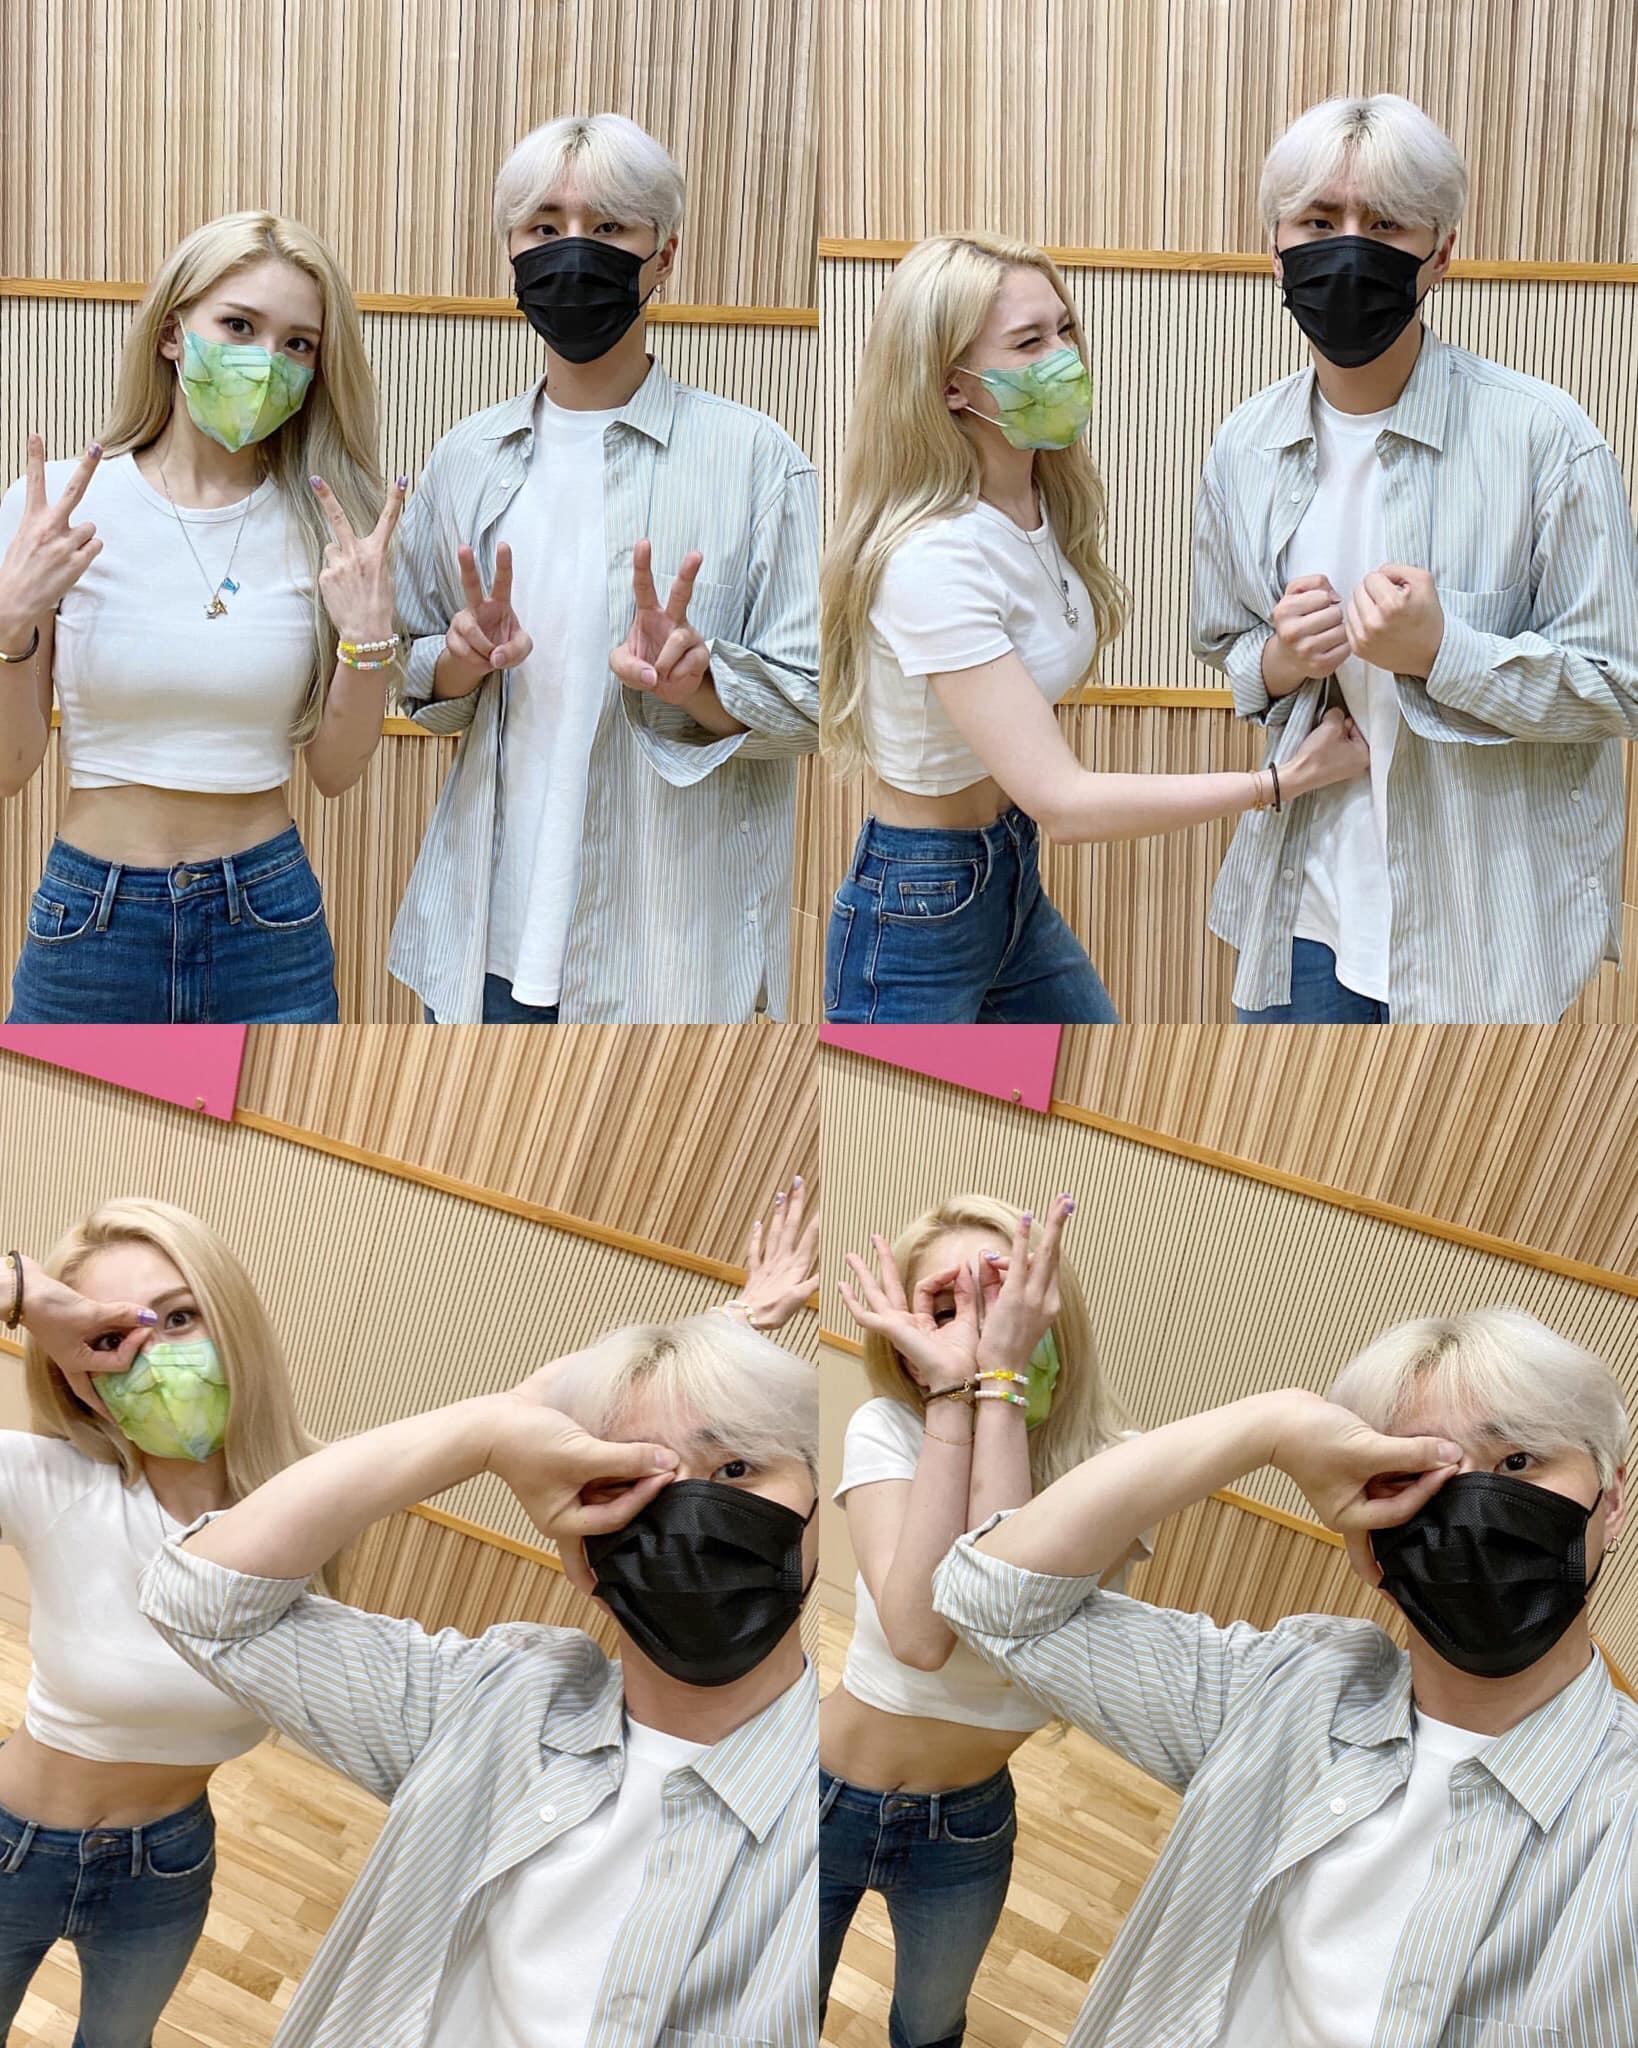 Ở mọi góc chụp, mỹ nhân nhà YG đều chứng minh thân hình cực phẩm, chẳng cần cầu kỳ vẫn sexy.